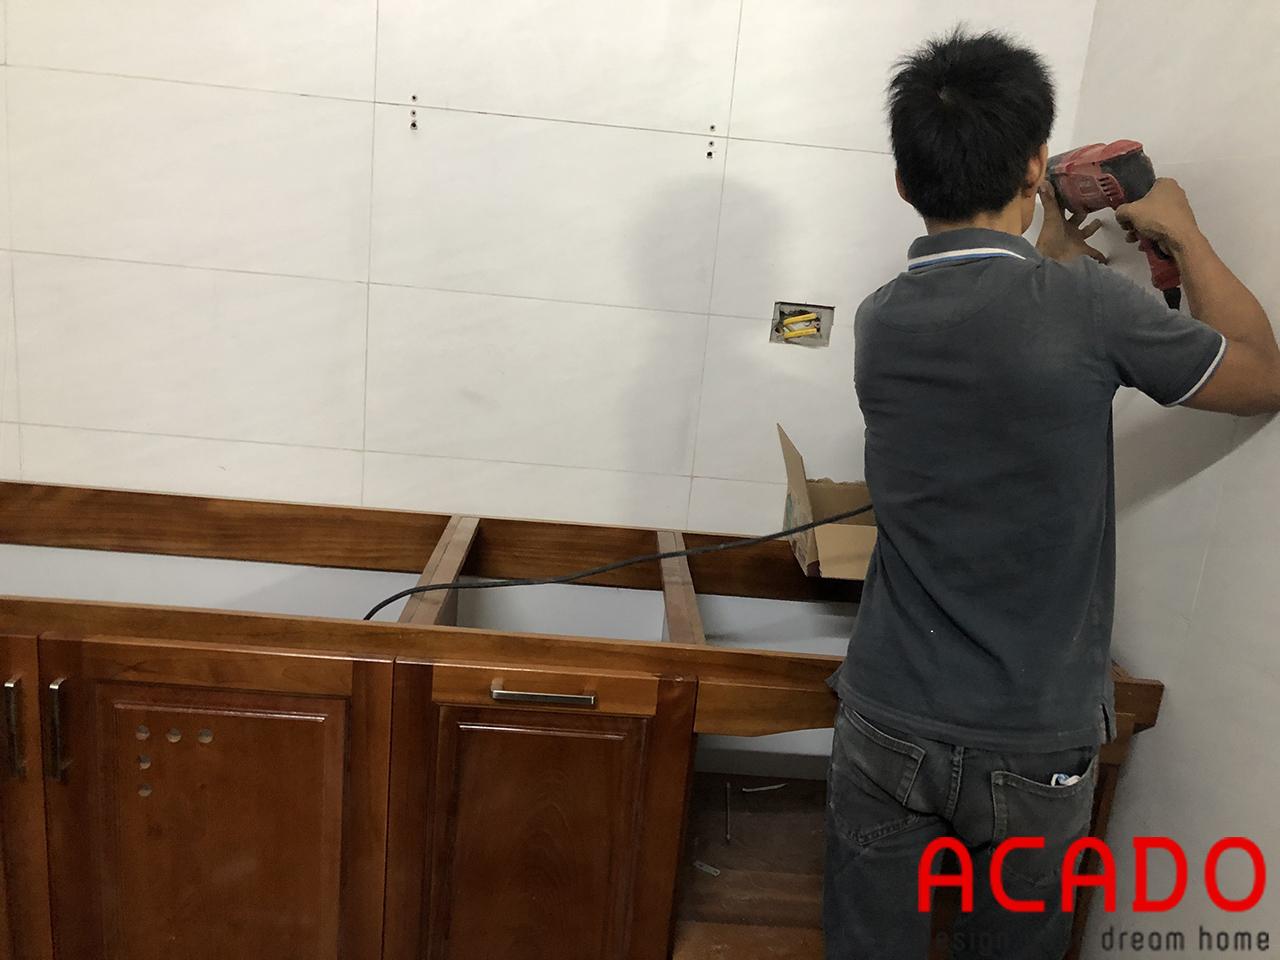 Thợ thi công bên ACADO đang lắp đặt tủ bếp cho gia đình cô Hợi